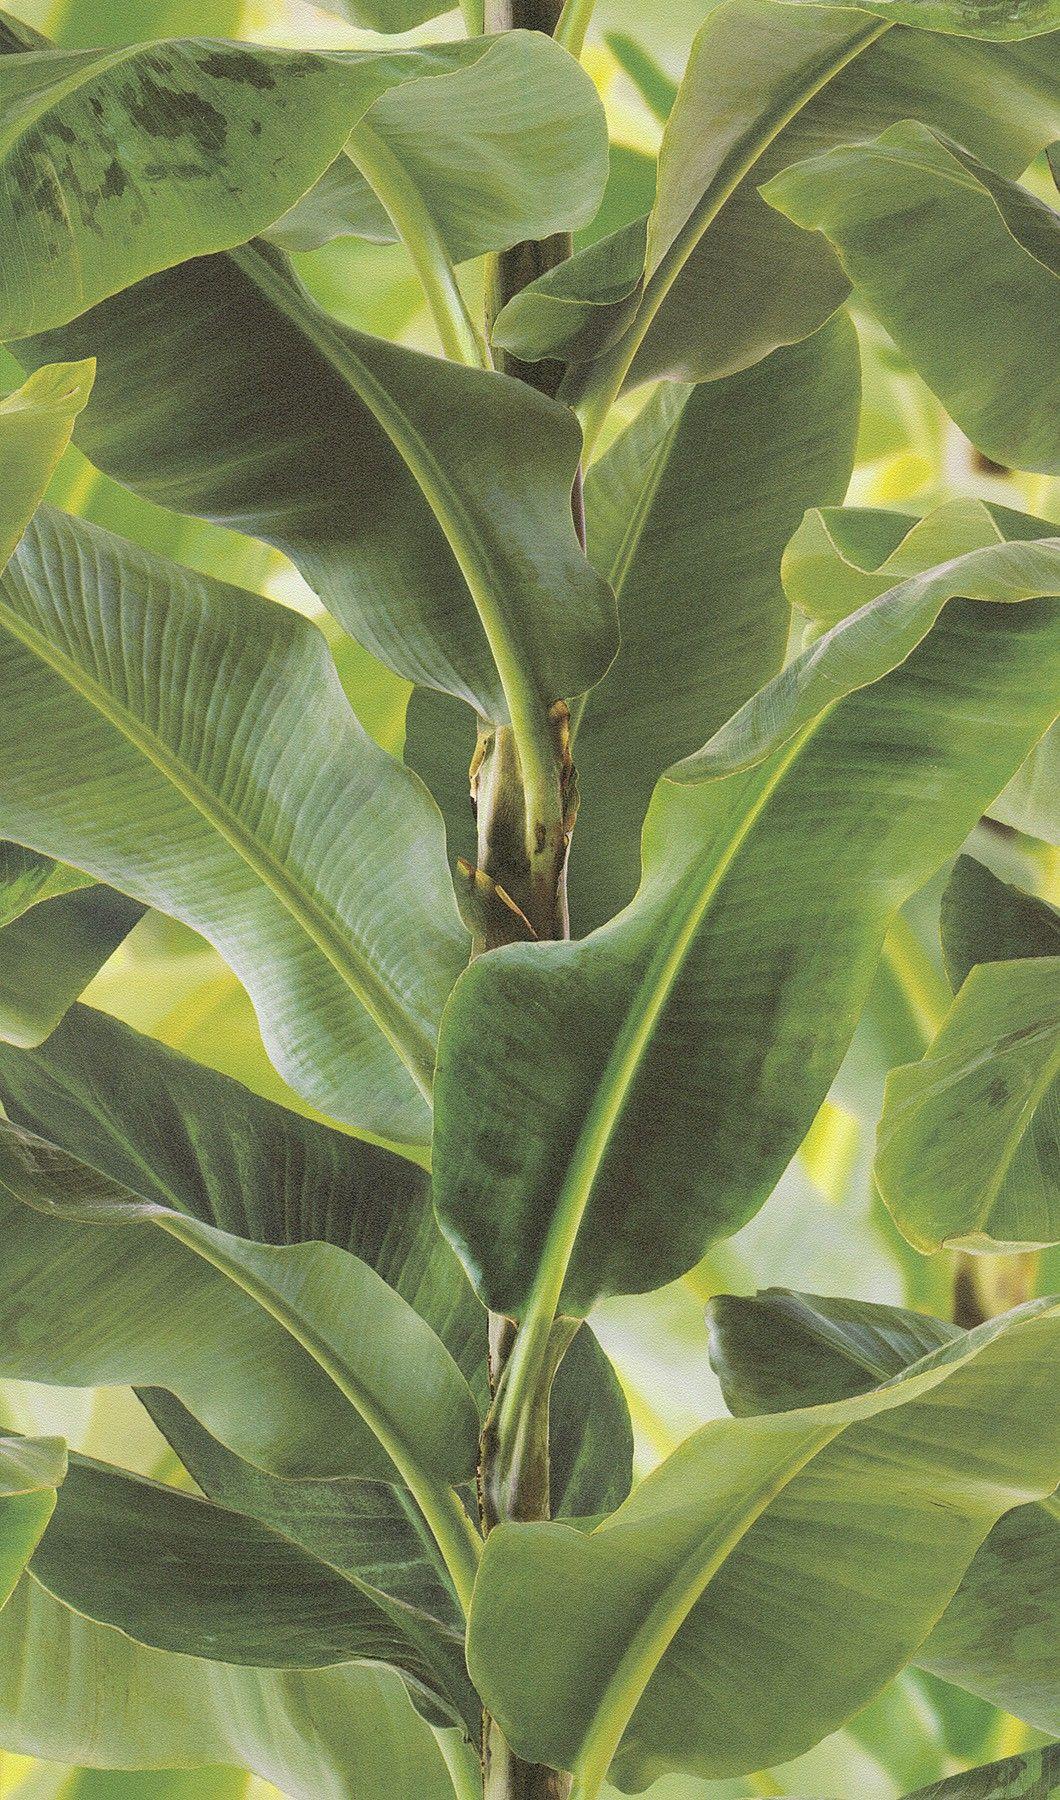 Vliestapete Grün Blätter Optik Struktur Rasch African Queen 2 473407 Grüner  Baum, Tapete Grün,